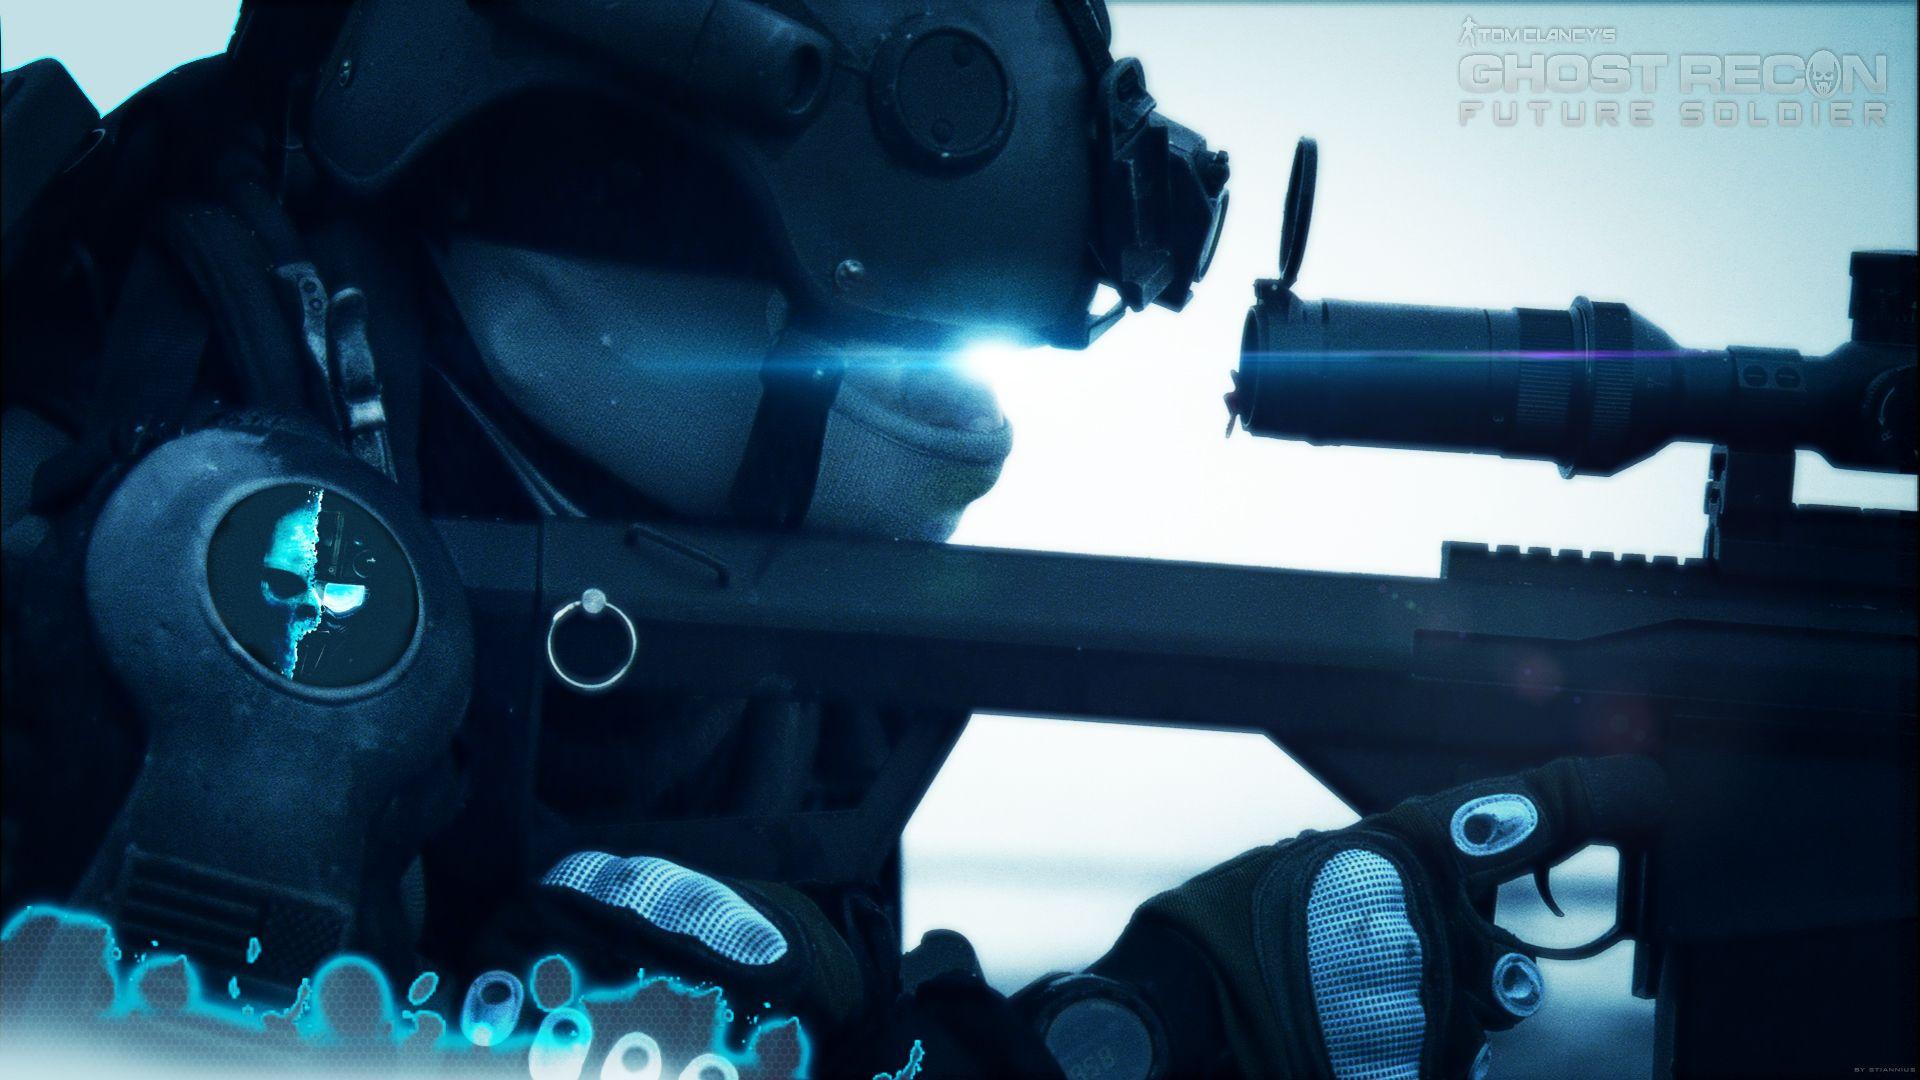 Ghost Recon Future Soldier wallpaper   489432 1920x1080